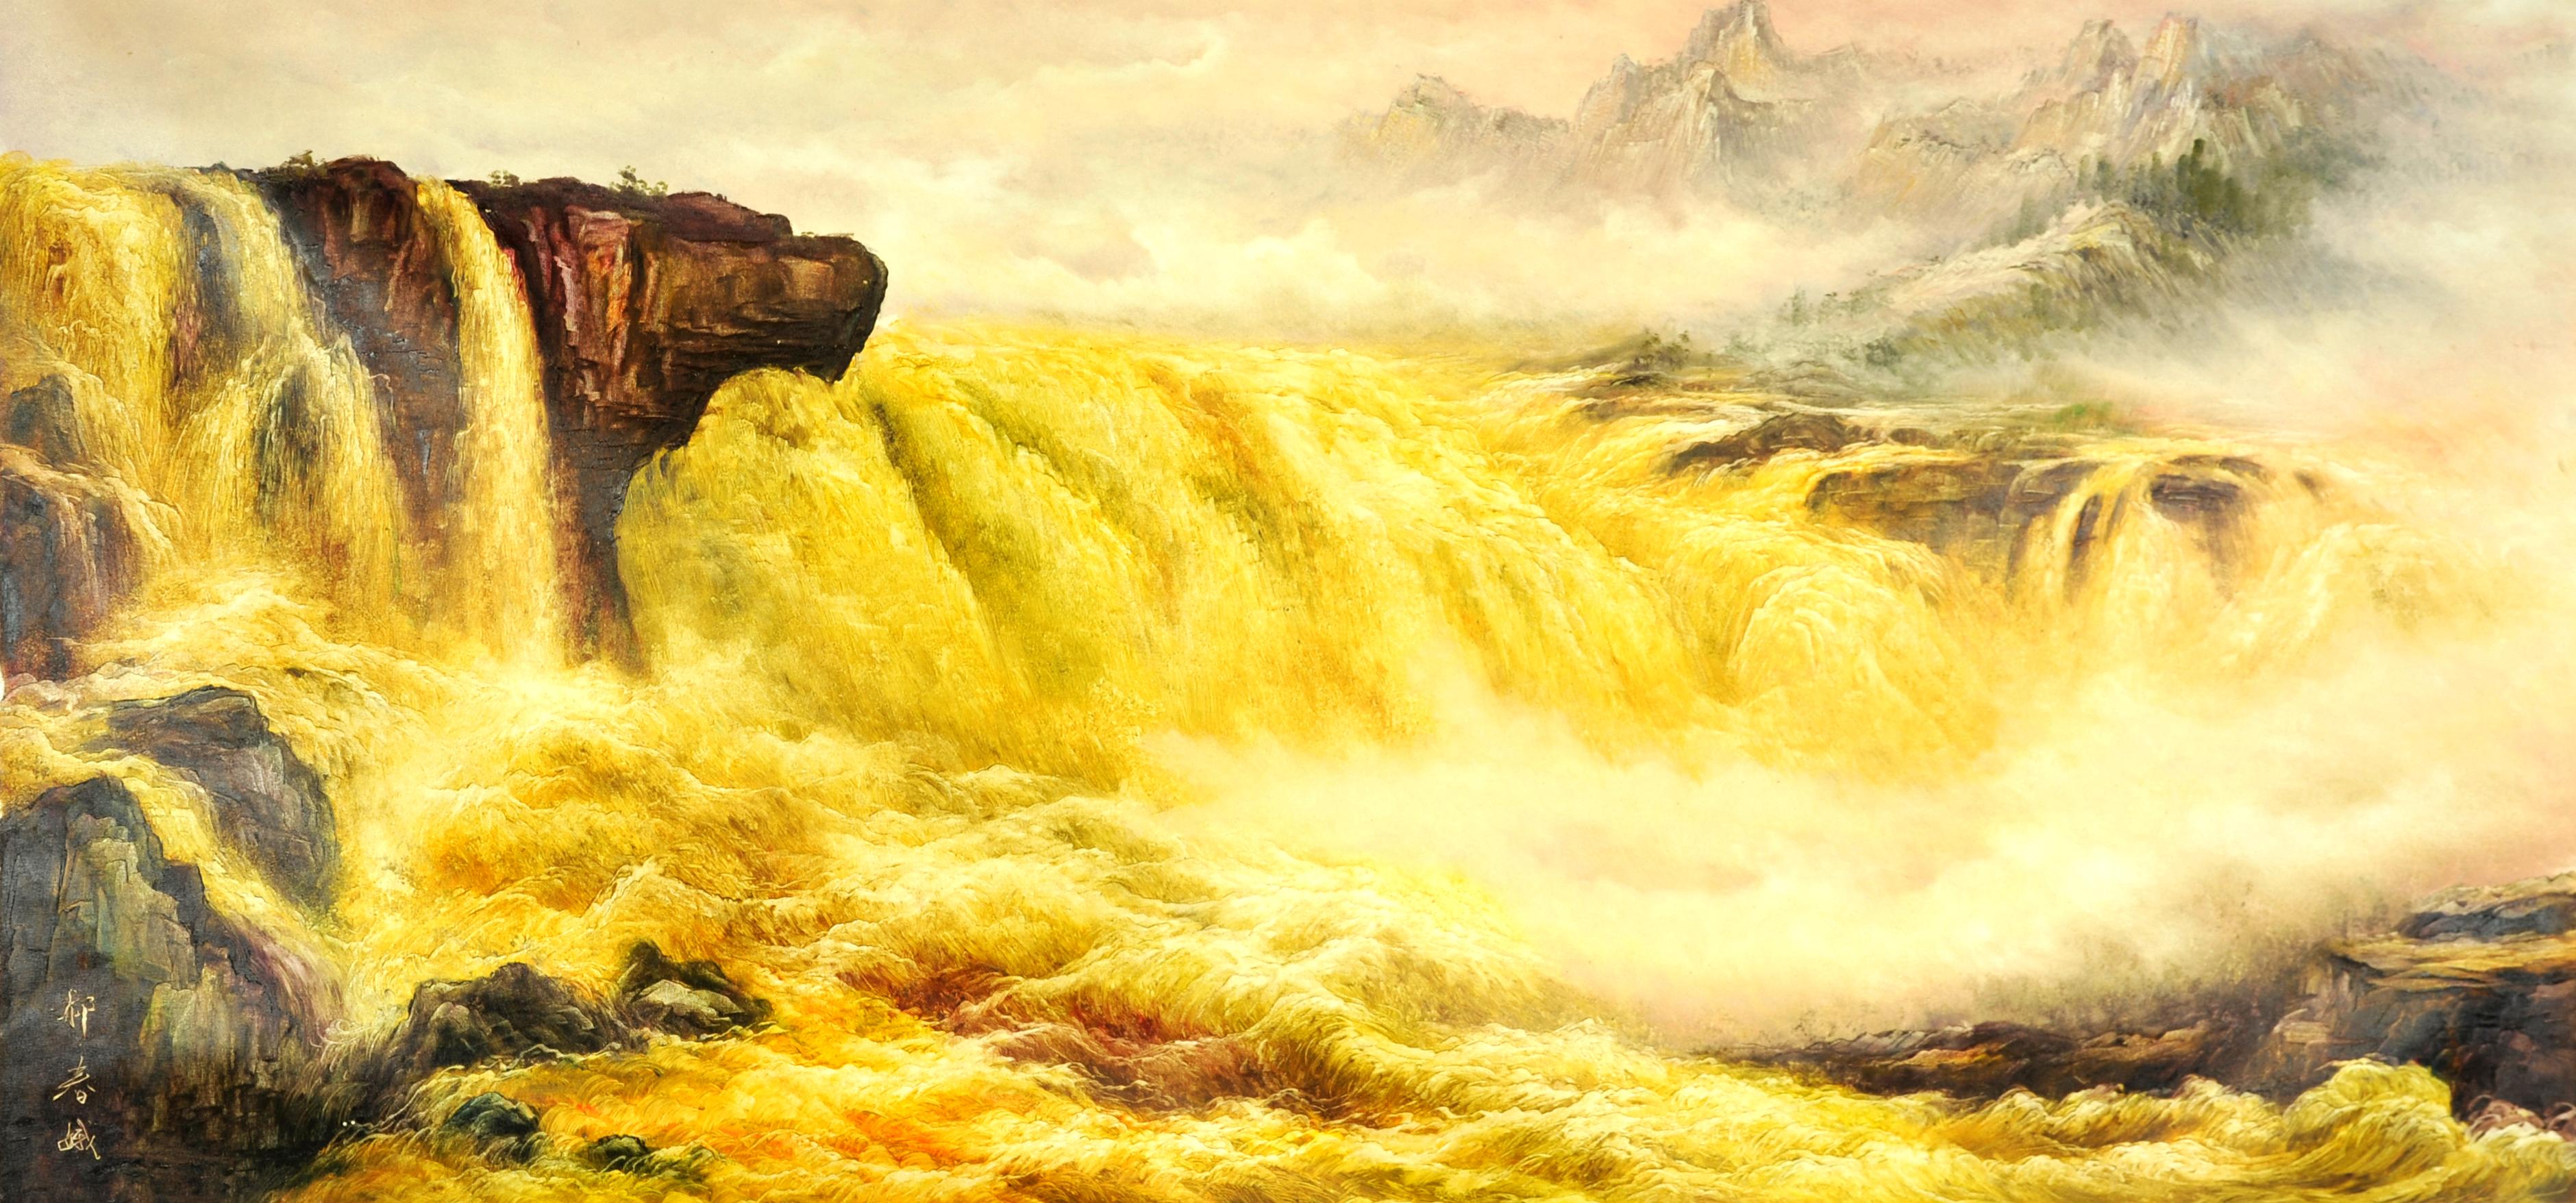 代表吉林风景画